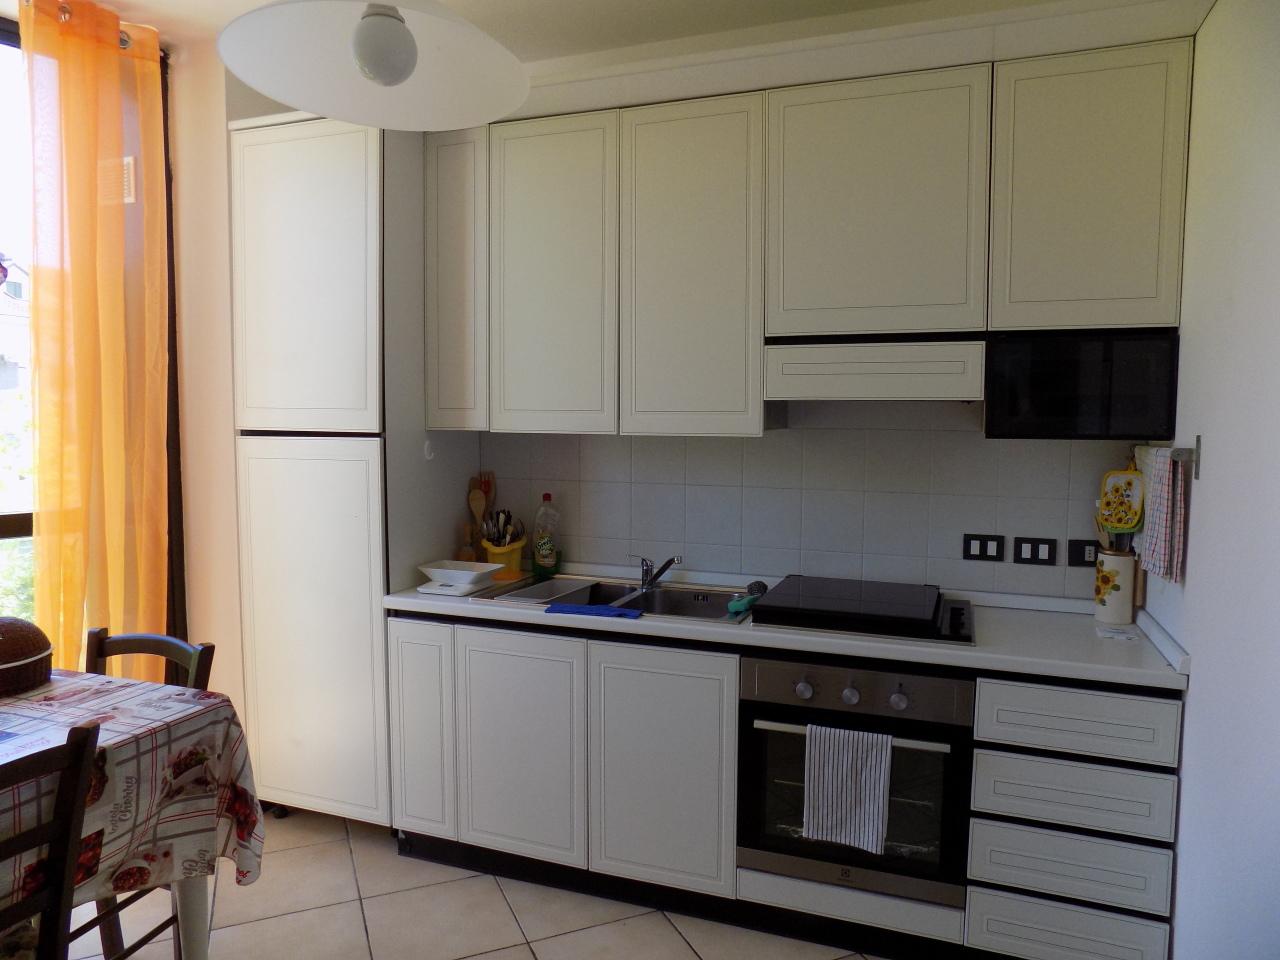 Appartamento in vendita a Forcellini, Padova (PD)